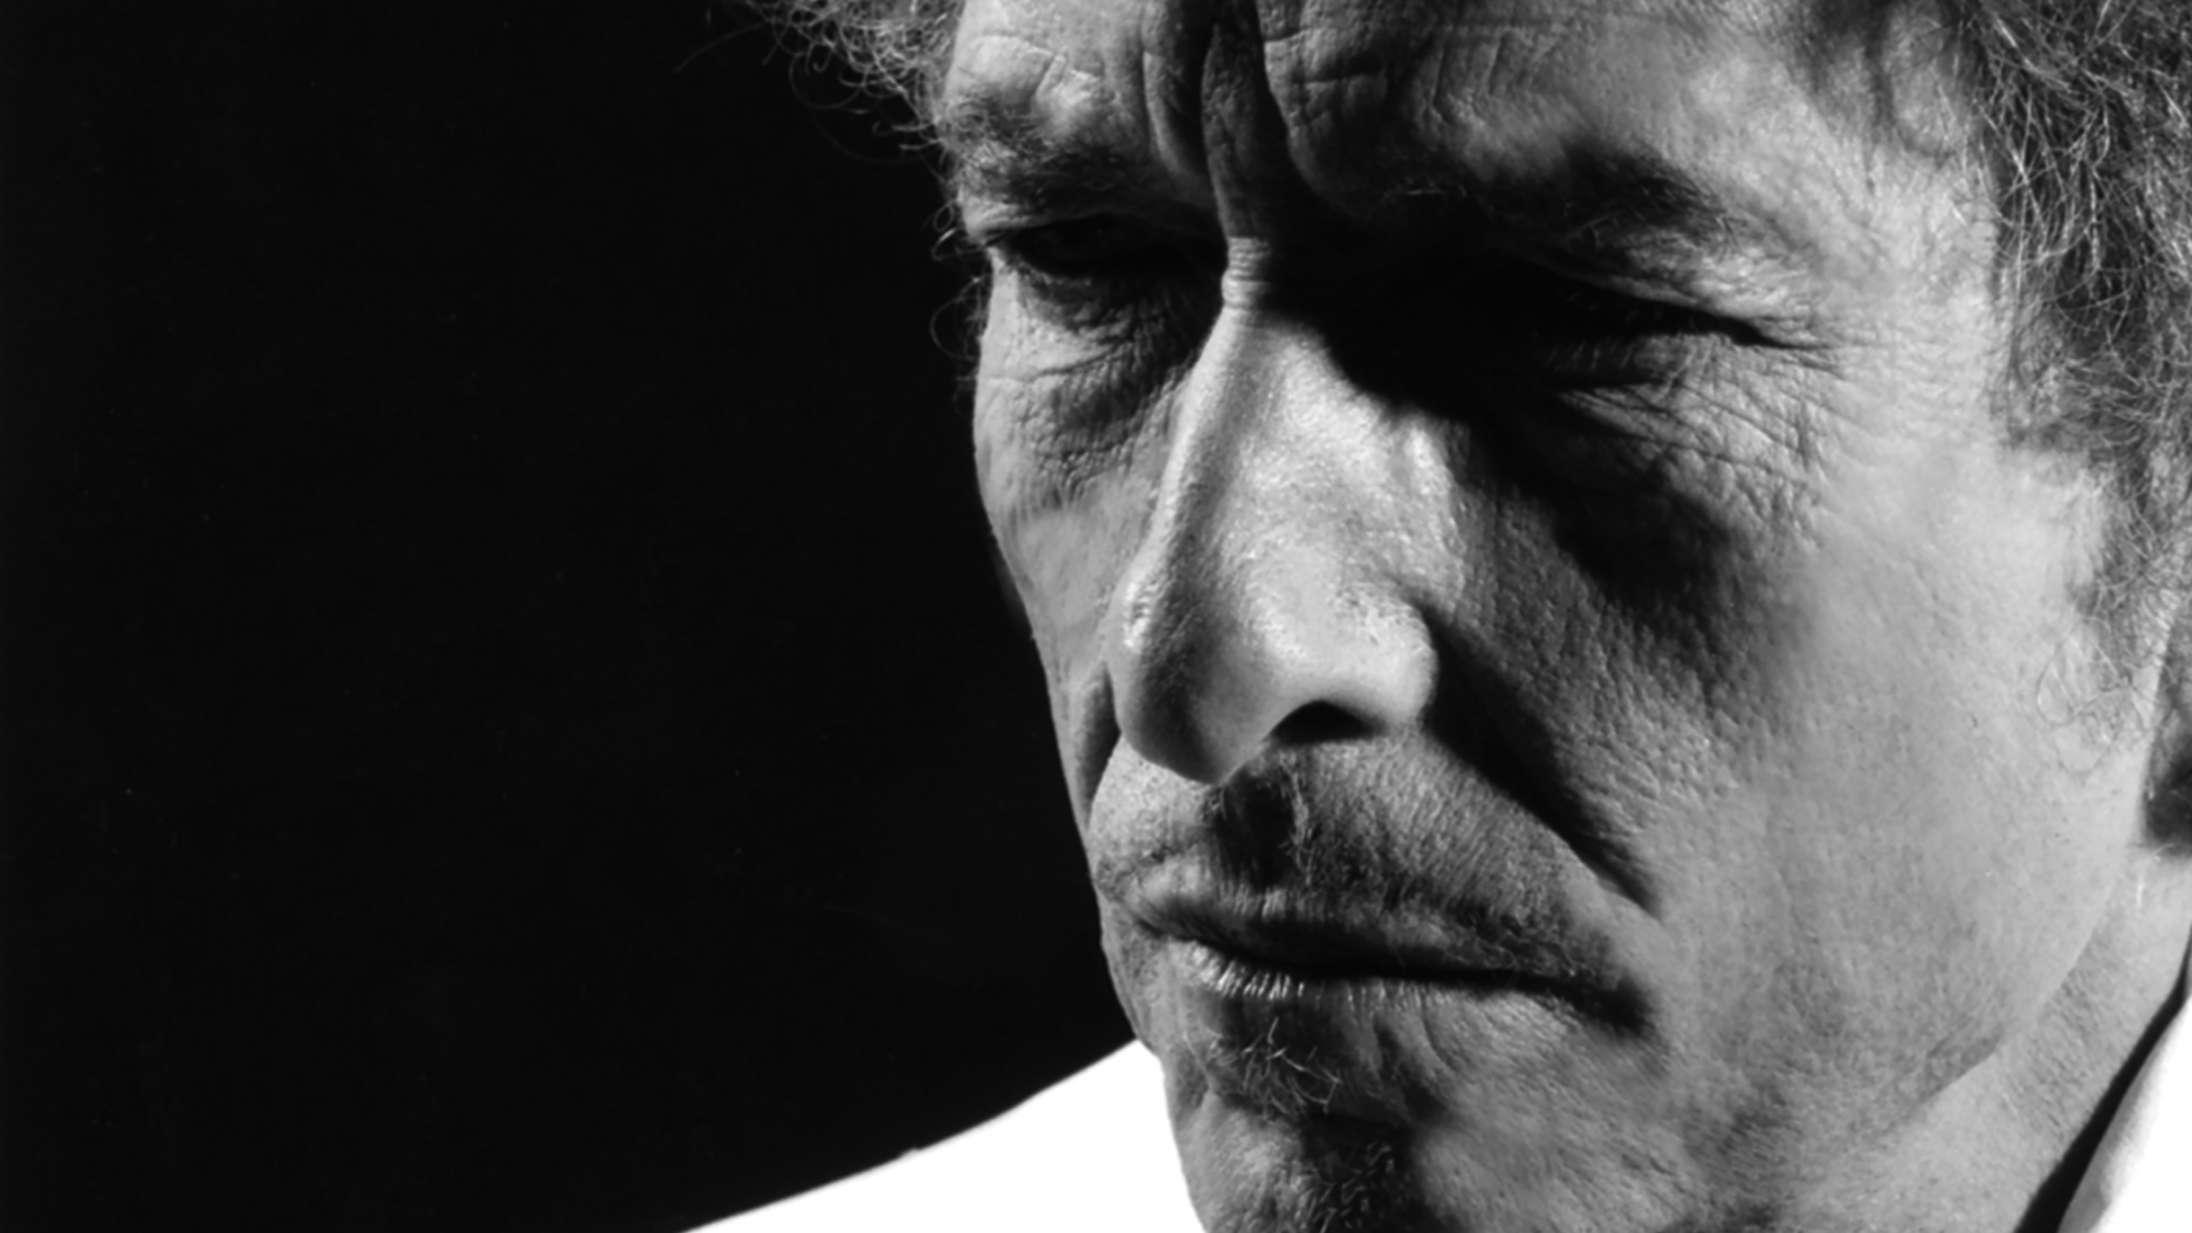 Seks årtier inde i karrieren har Bob Dylan begået endnu et hovedværk med 'Rough and Rowdy Ways'